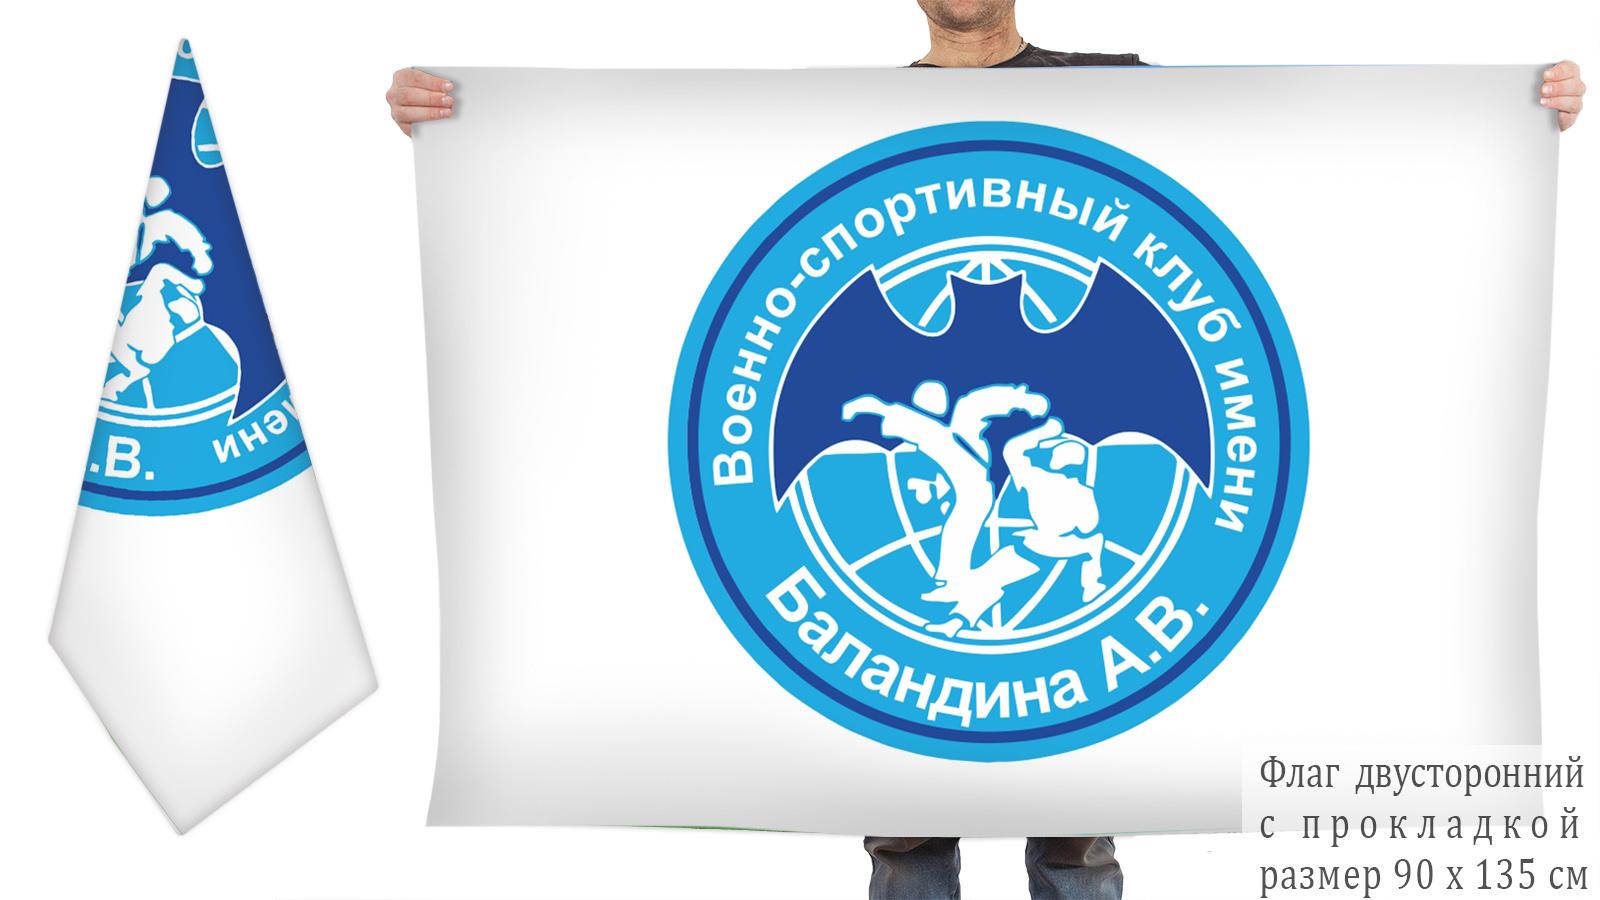 Двусторонний флаг ВСК им. А.В. Баландина